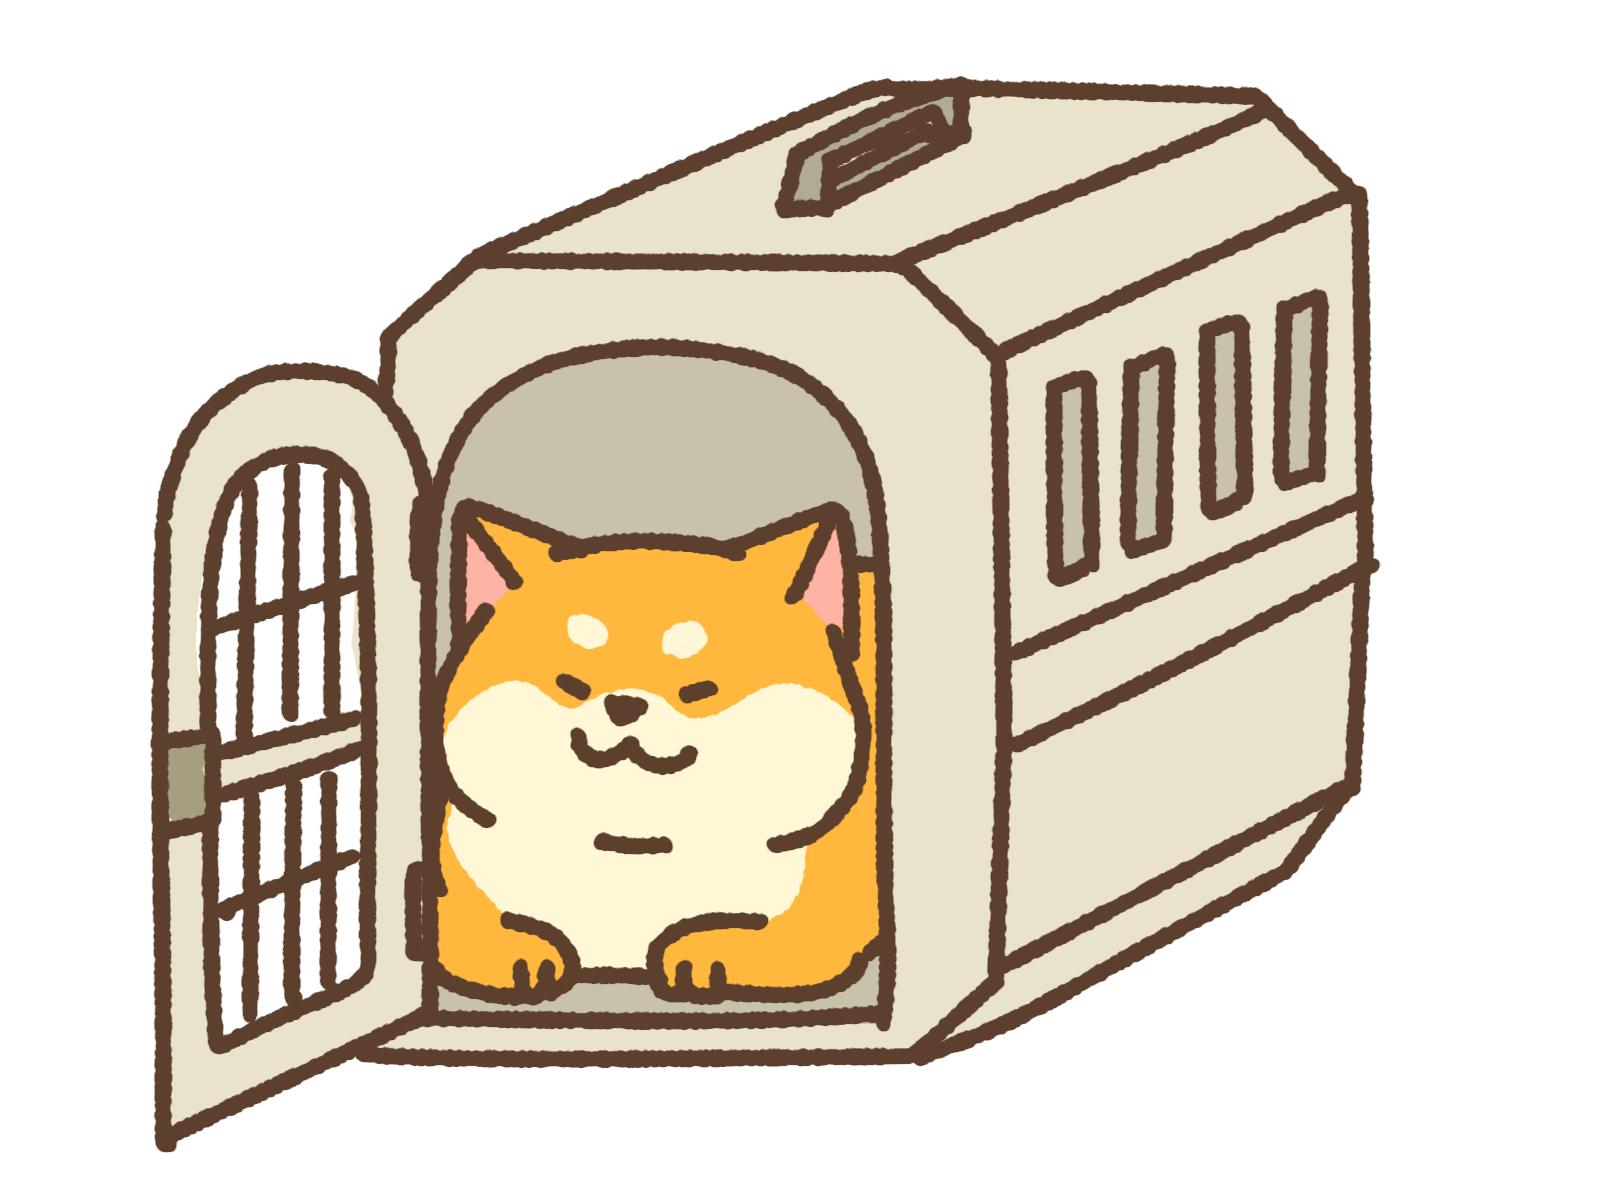 キャリーケースに入った犬のイメージ画像